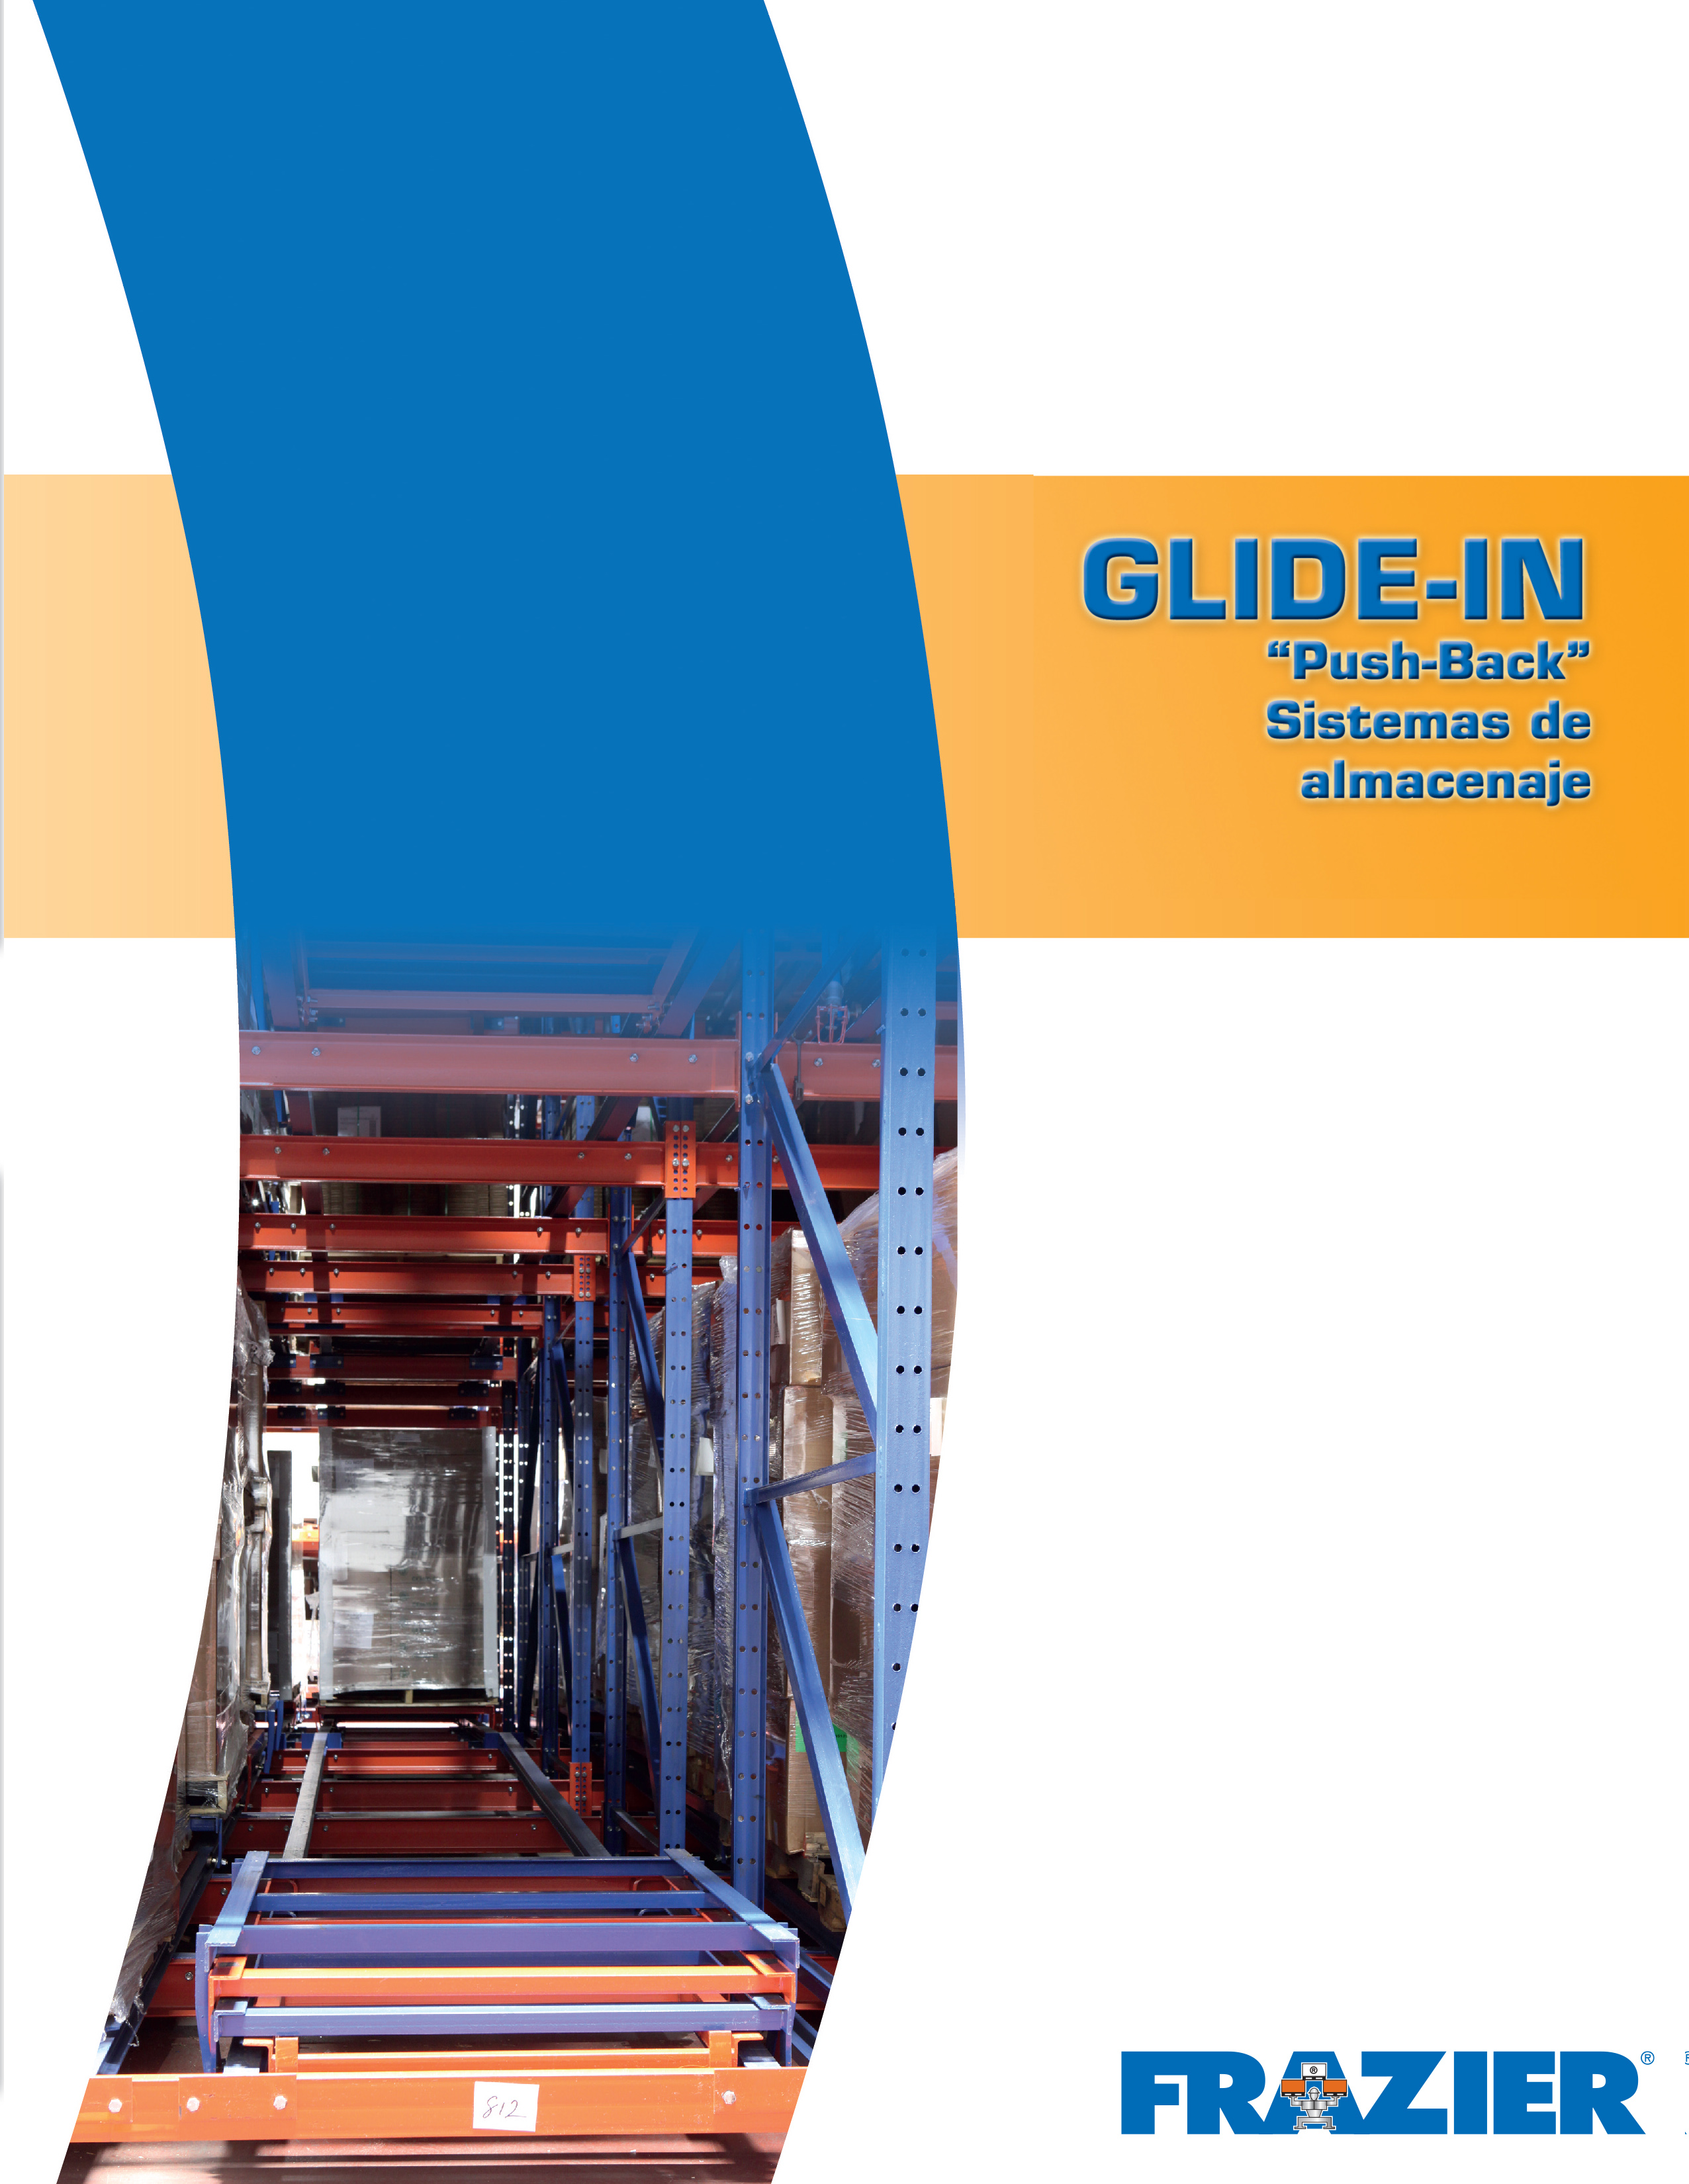 Glide-in Brochure